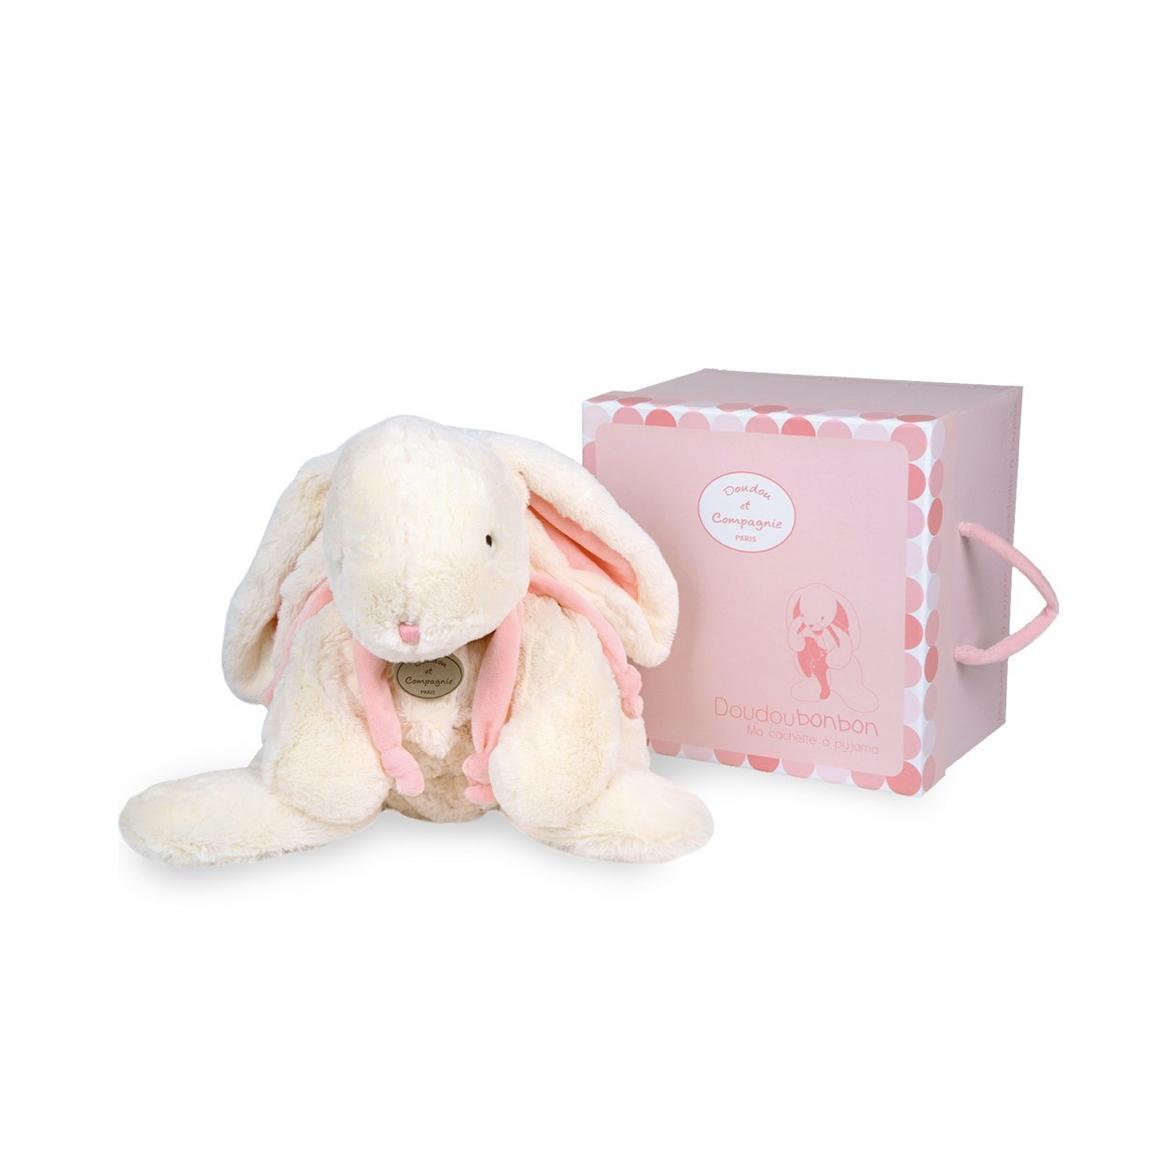 conejito-bonbon-rosa-de-doudou-et-compaigne-en-el-mundo-de-mico-2